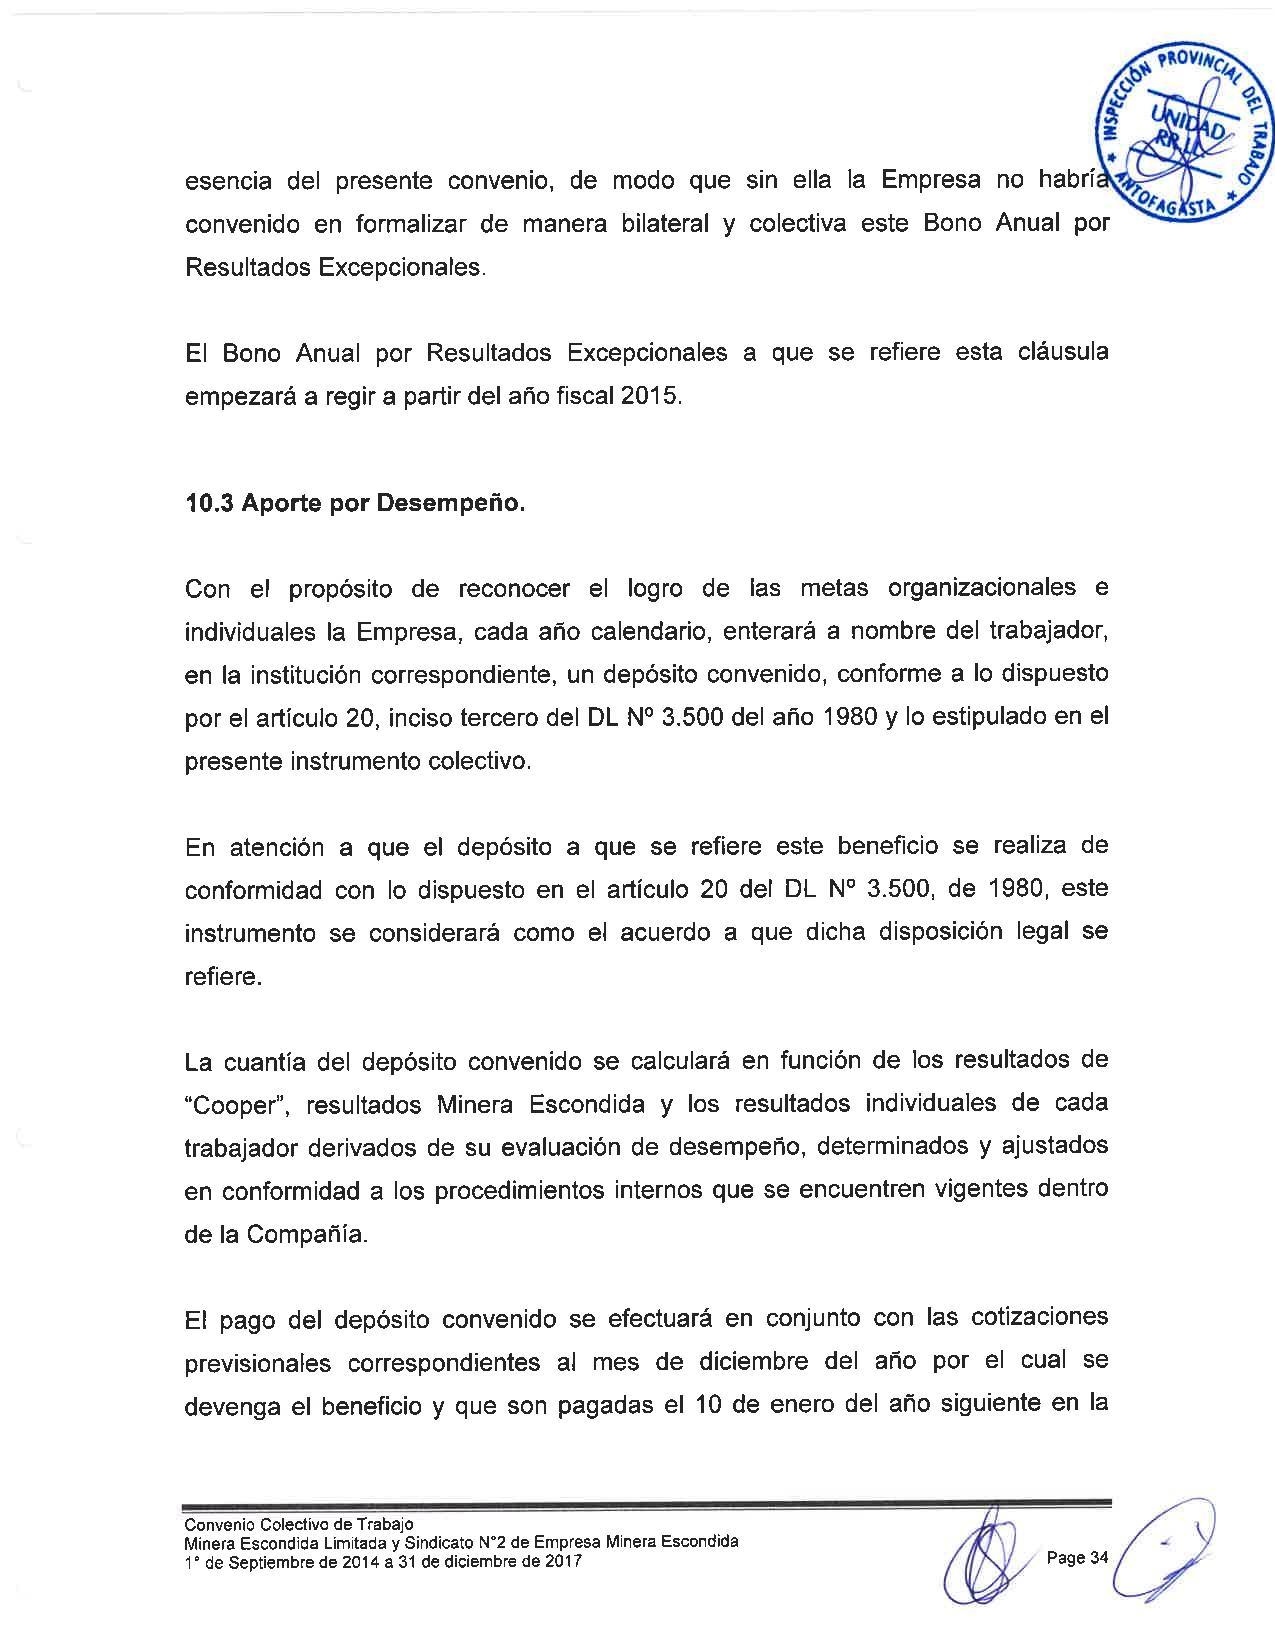 Página (34).jpg